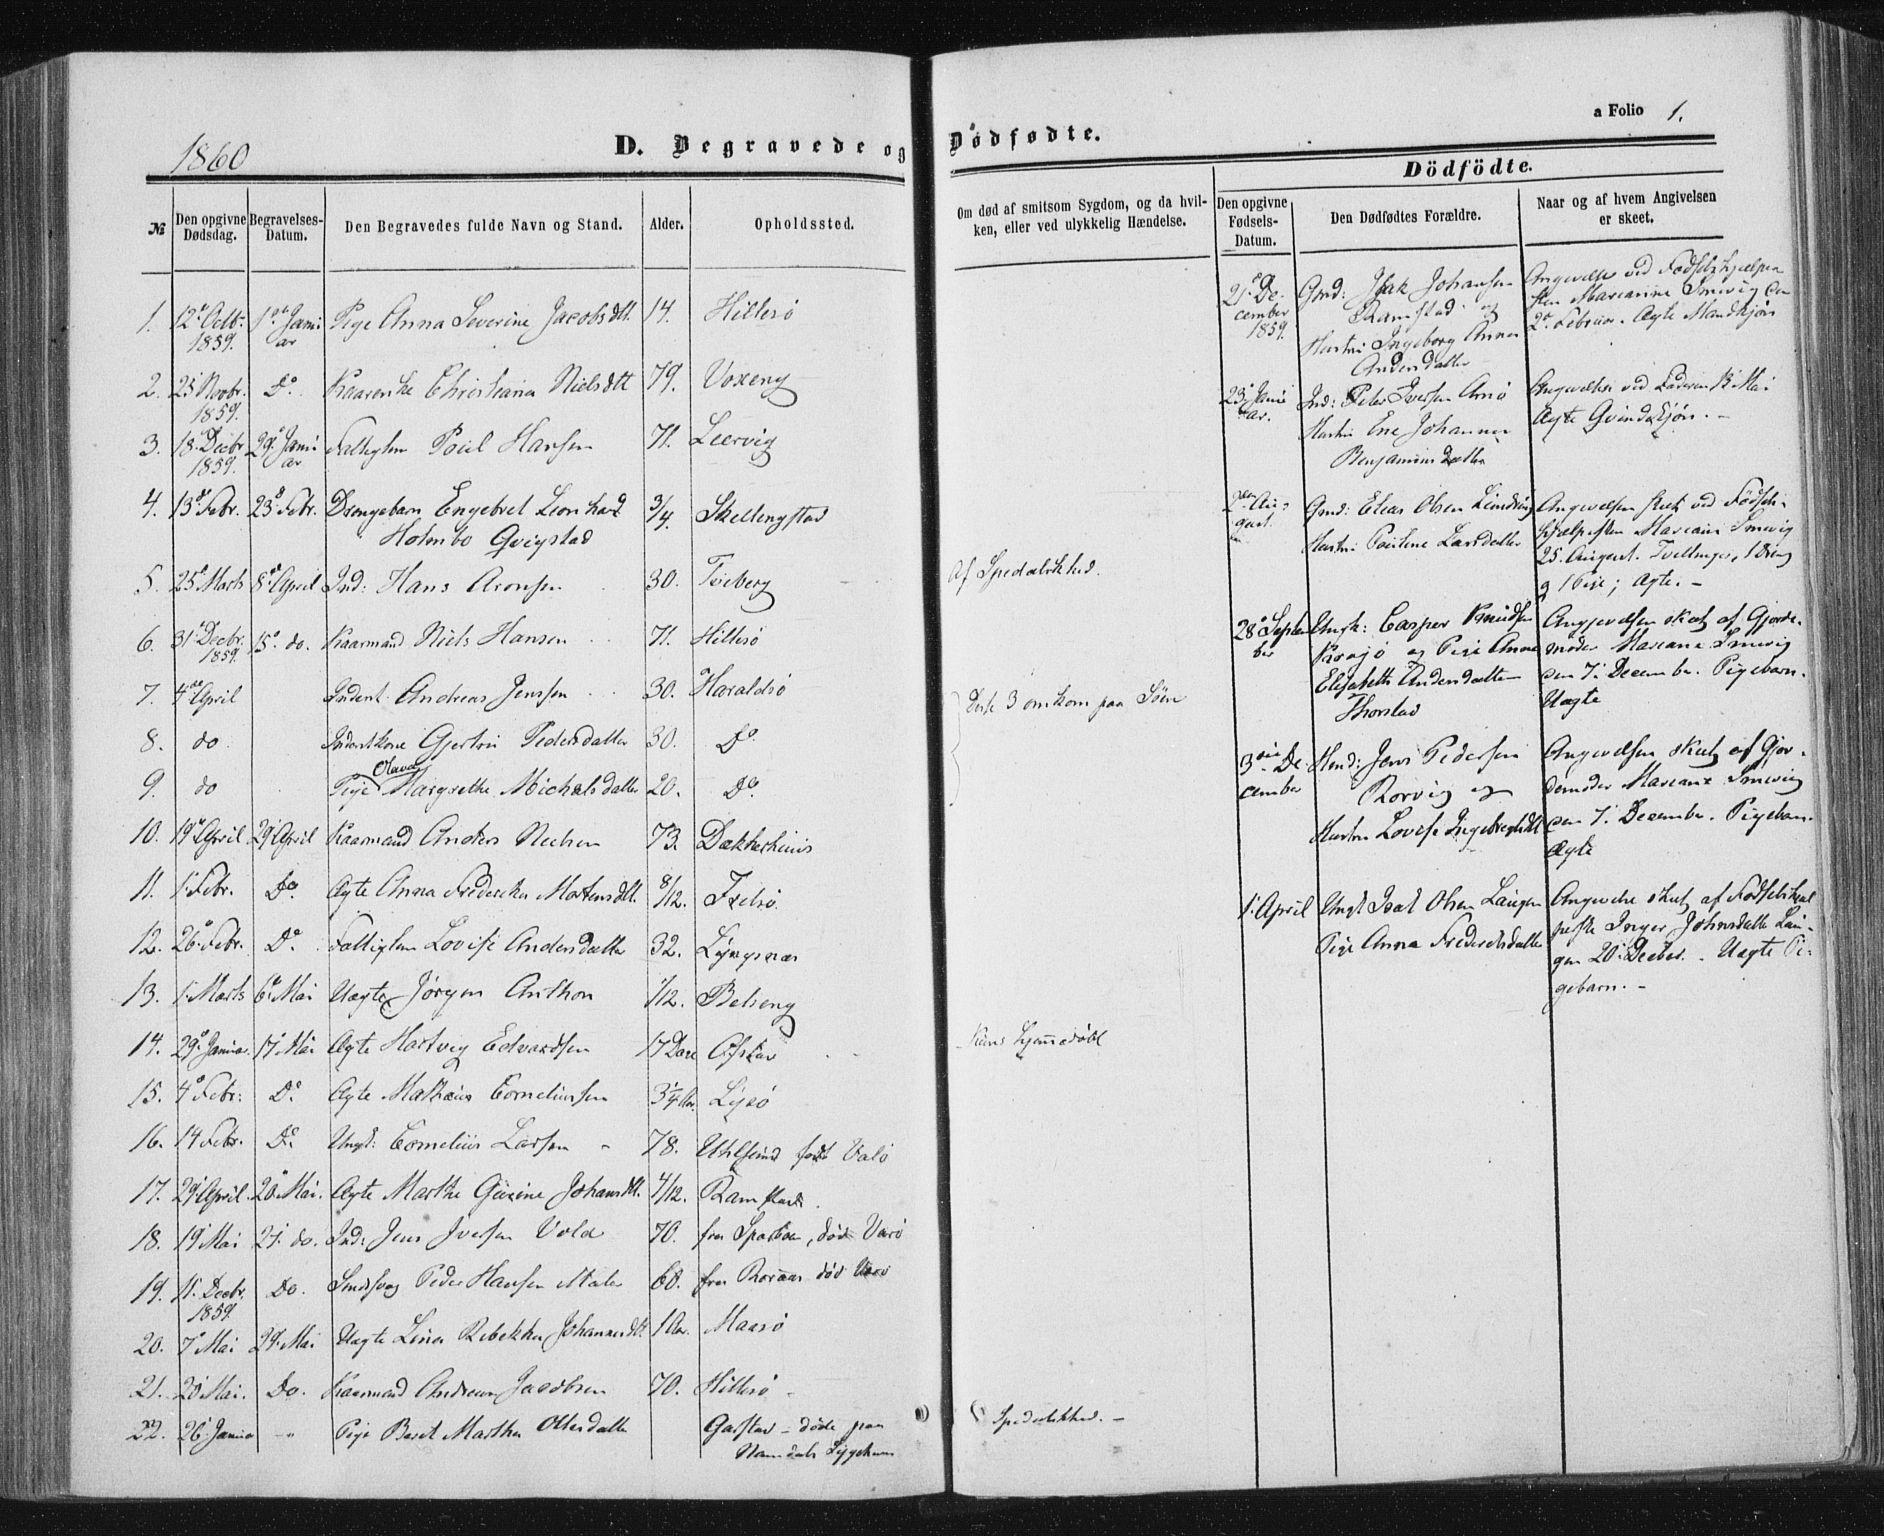 SAT, Ministerialprotokoller, klokkerbøker og fødselsregistre - Nord-Trøndelag, 784/L0670: Ministerialbok nr. 784A05, 1860-1876, s. 1